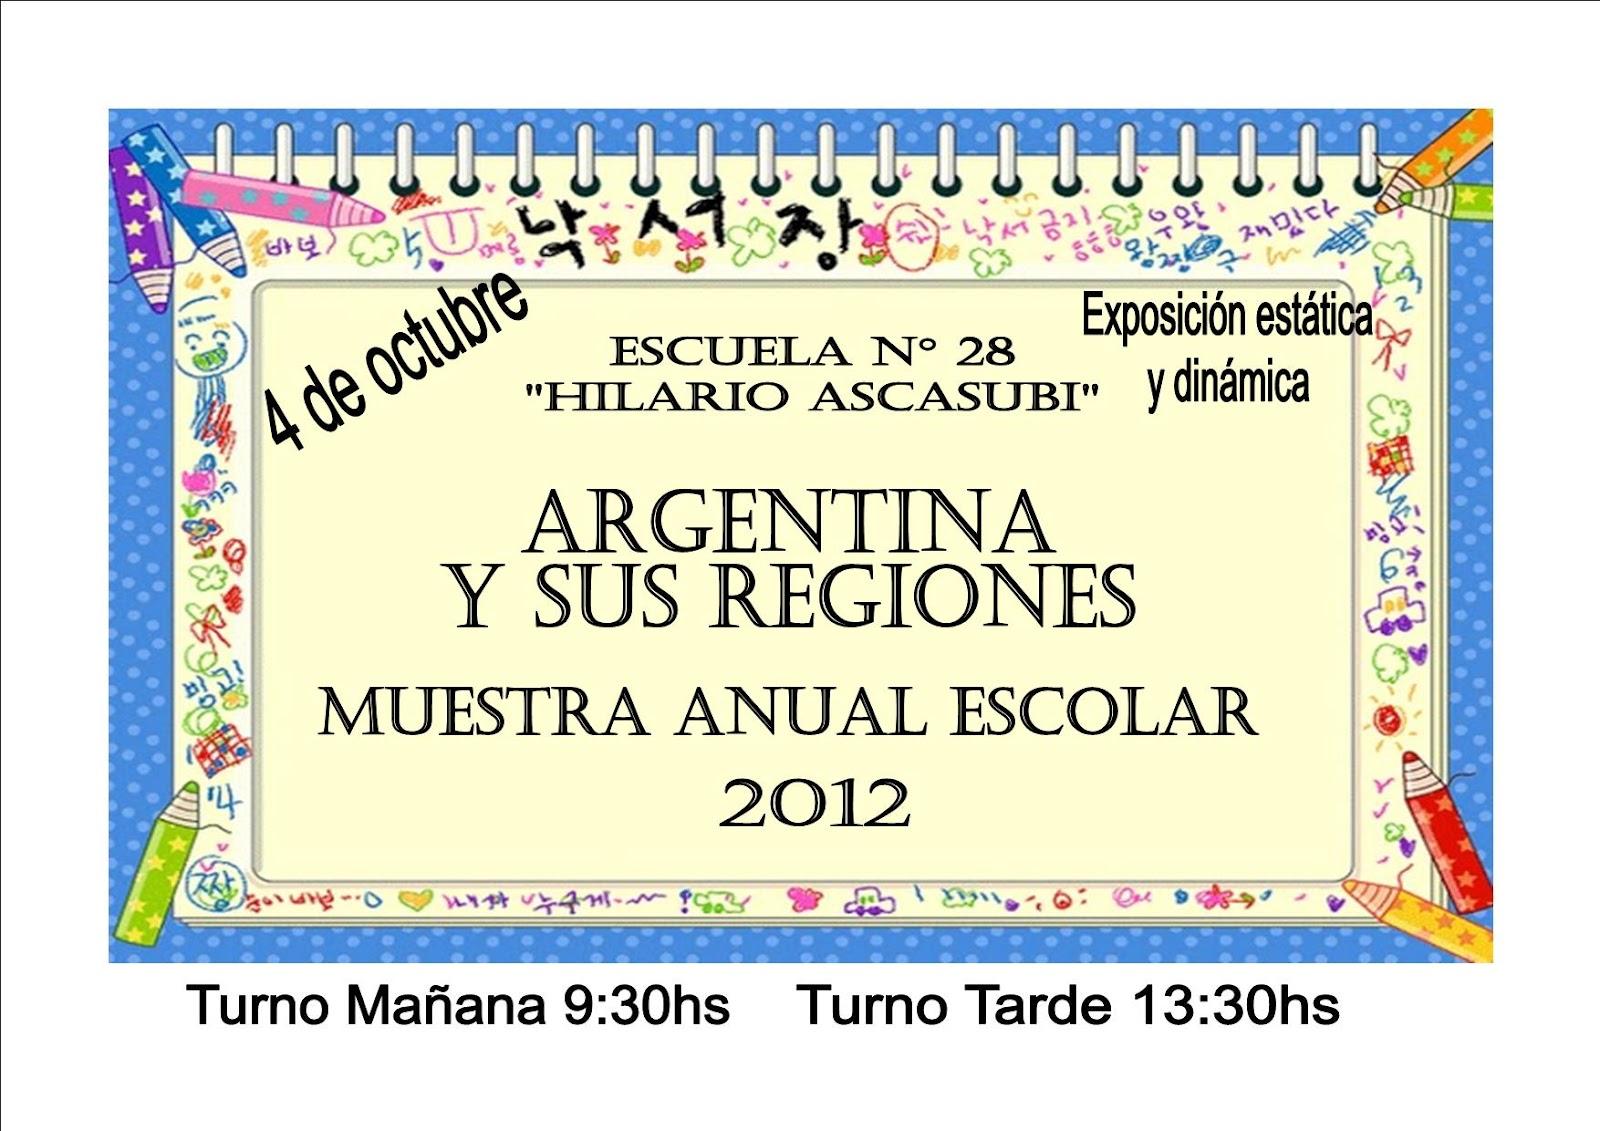 Boletín informativo de la Escuela 28 de Quilmes: octubre 2012